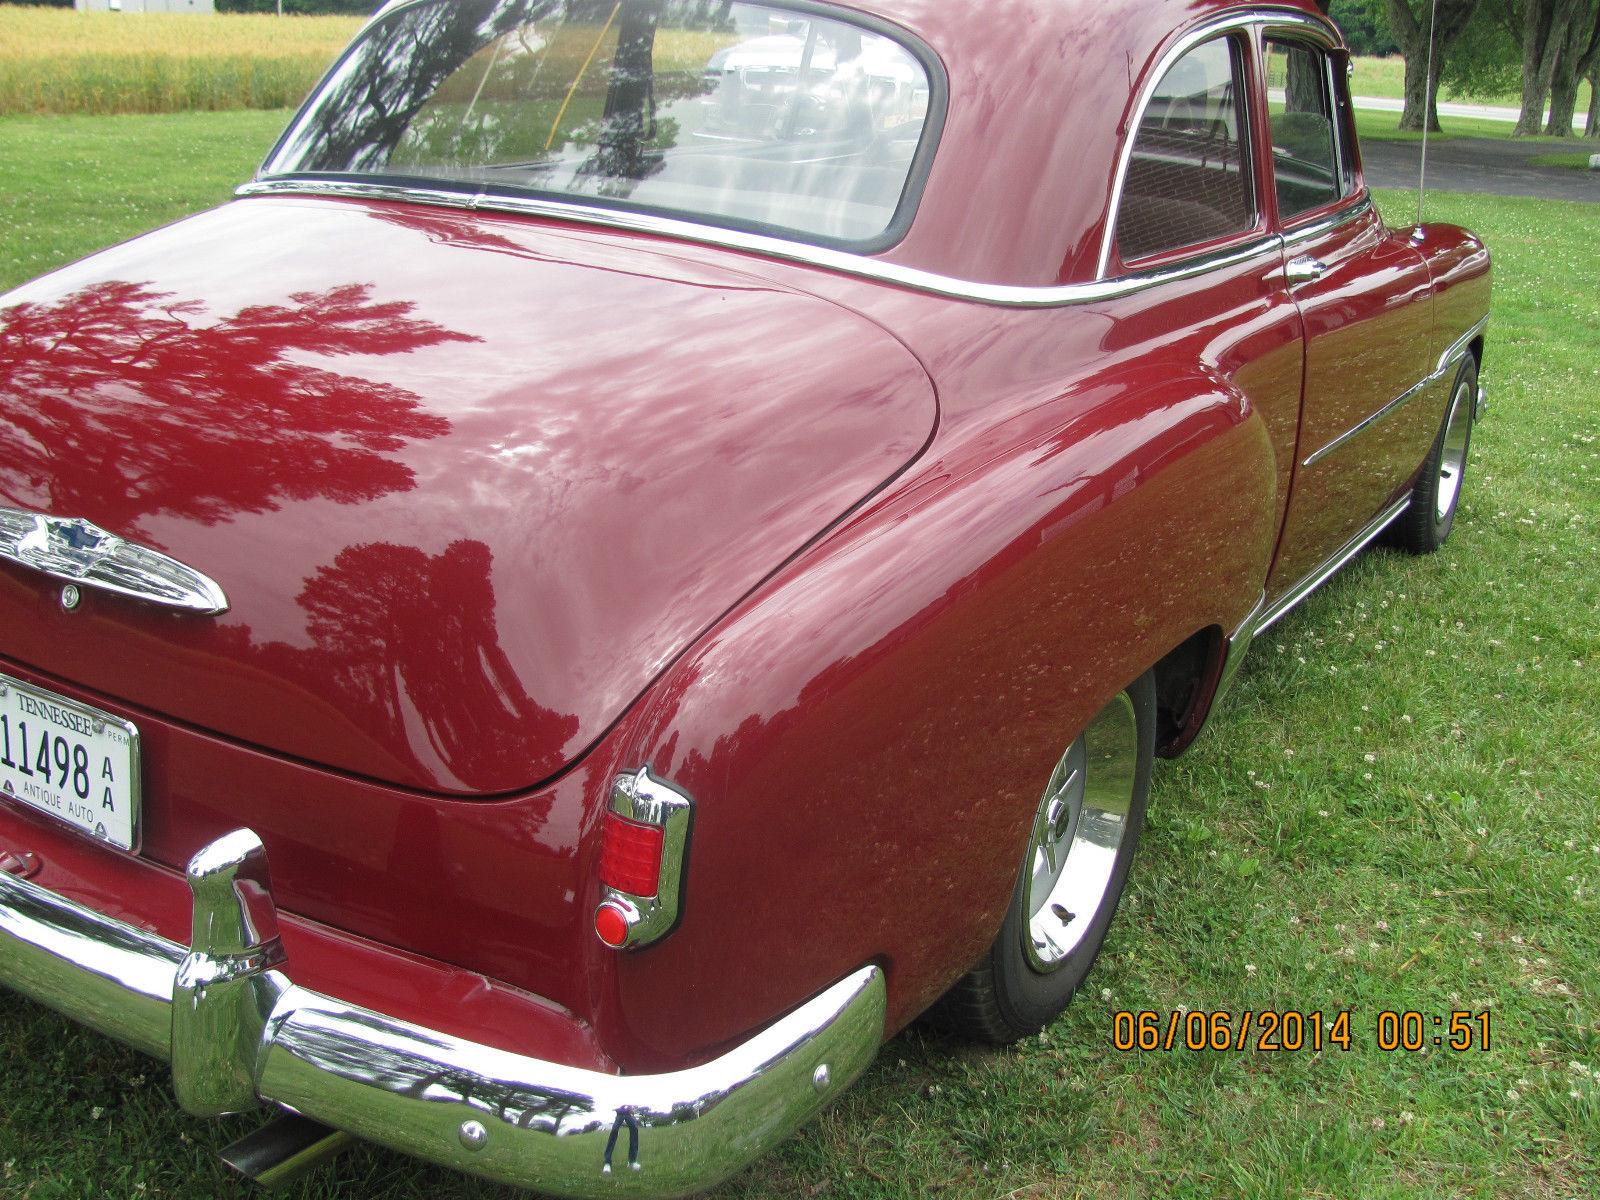 2 Door Maroon With Gray Interior Classic Chevrolet Bel Air 150 1951 4 210